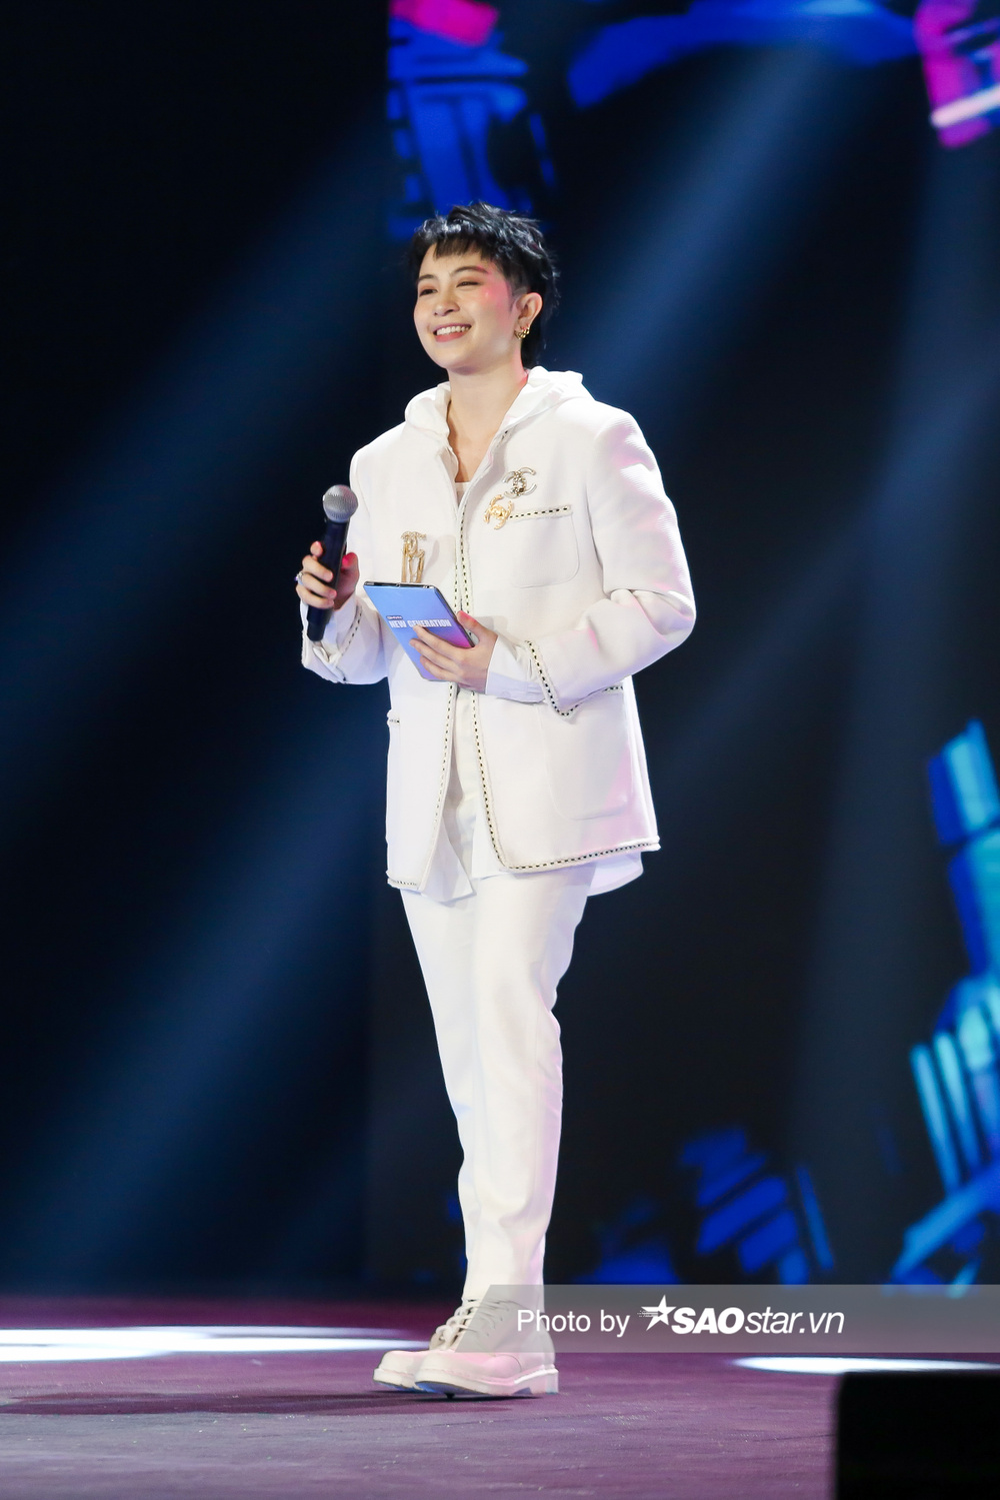 Gil Lê đảm nhận vai trò MC, Hà Lê cùng Lưu Thiên Hương loại thí sinh vòng Đột phá GHVN New Generation Ảnh 5